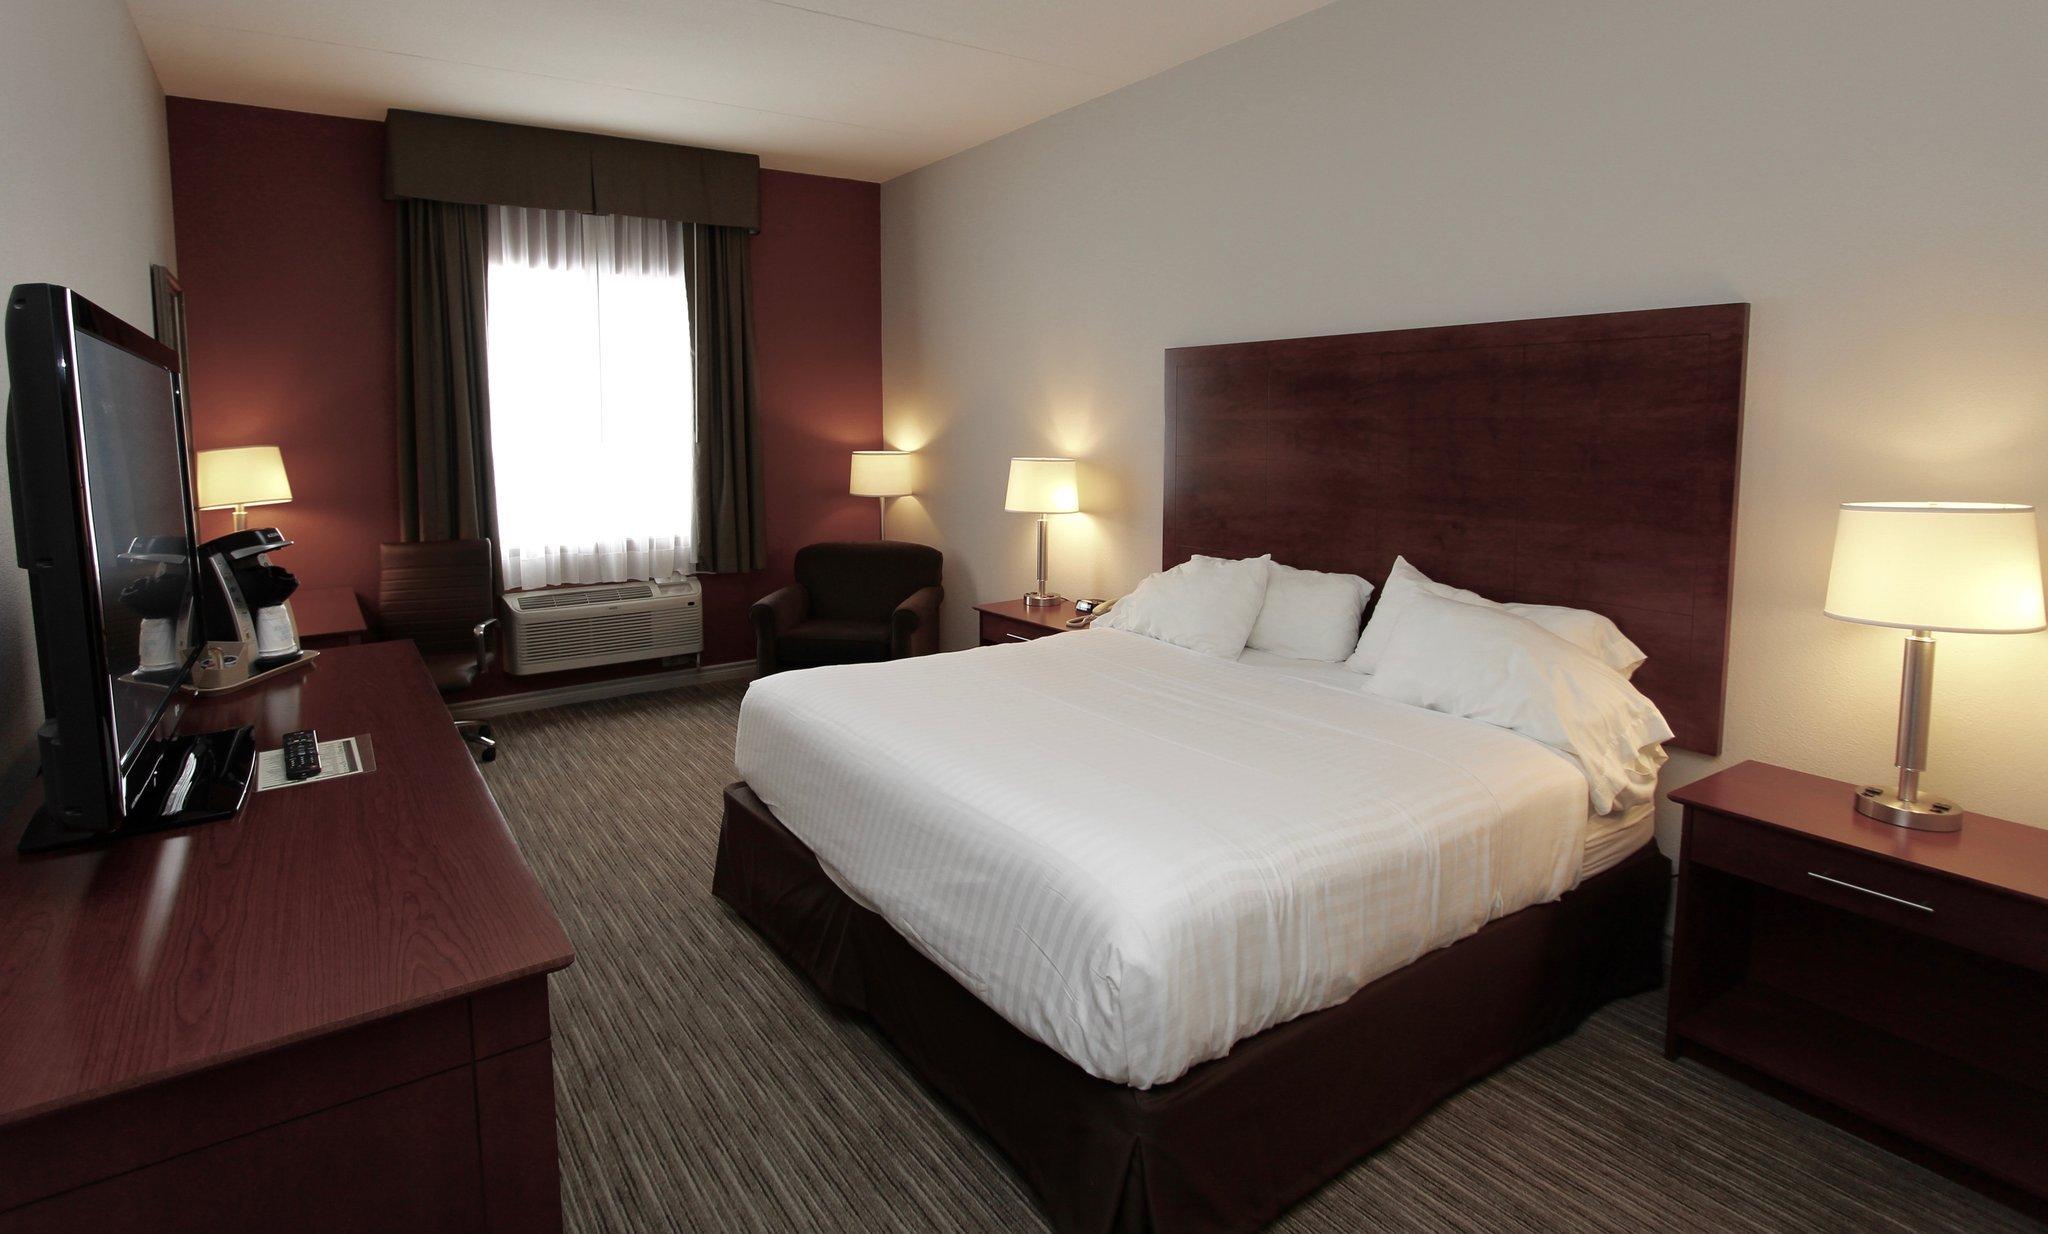 ホリデイ・イン エクスプレス ホテル & スイーツ 1000 アイランズ ガナノーク